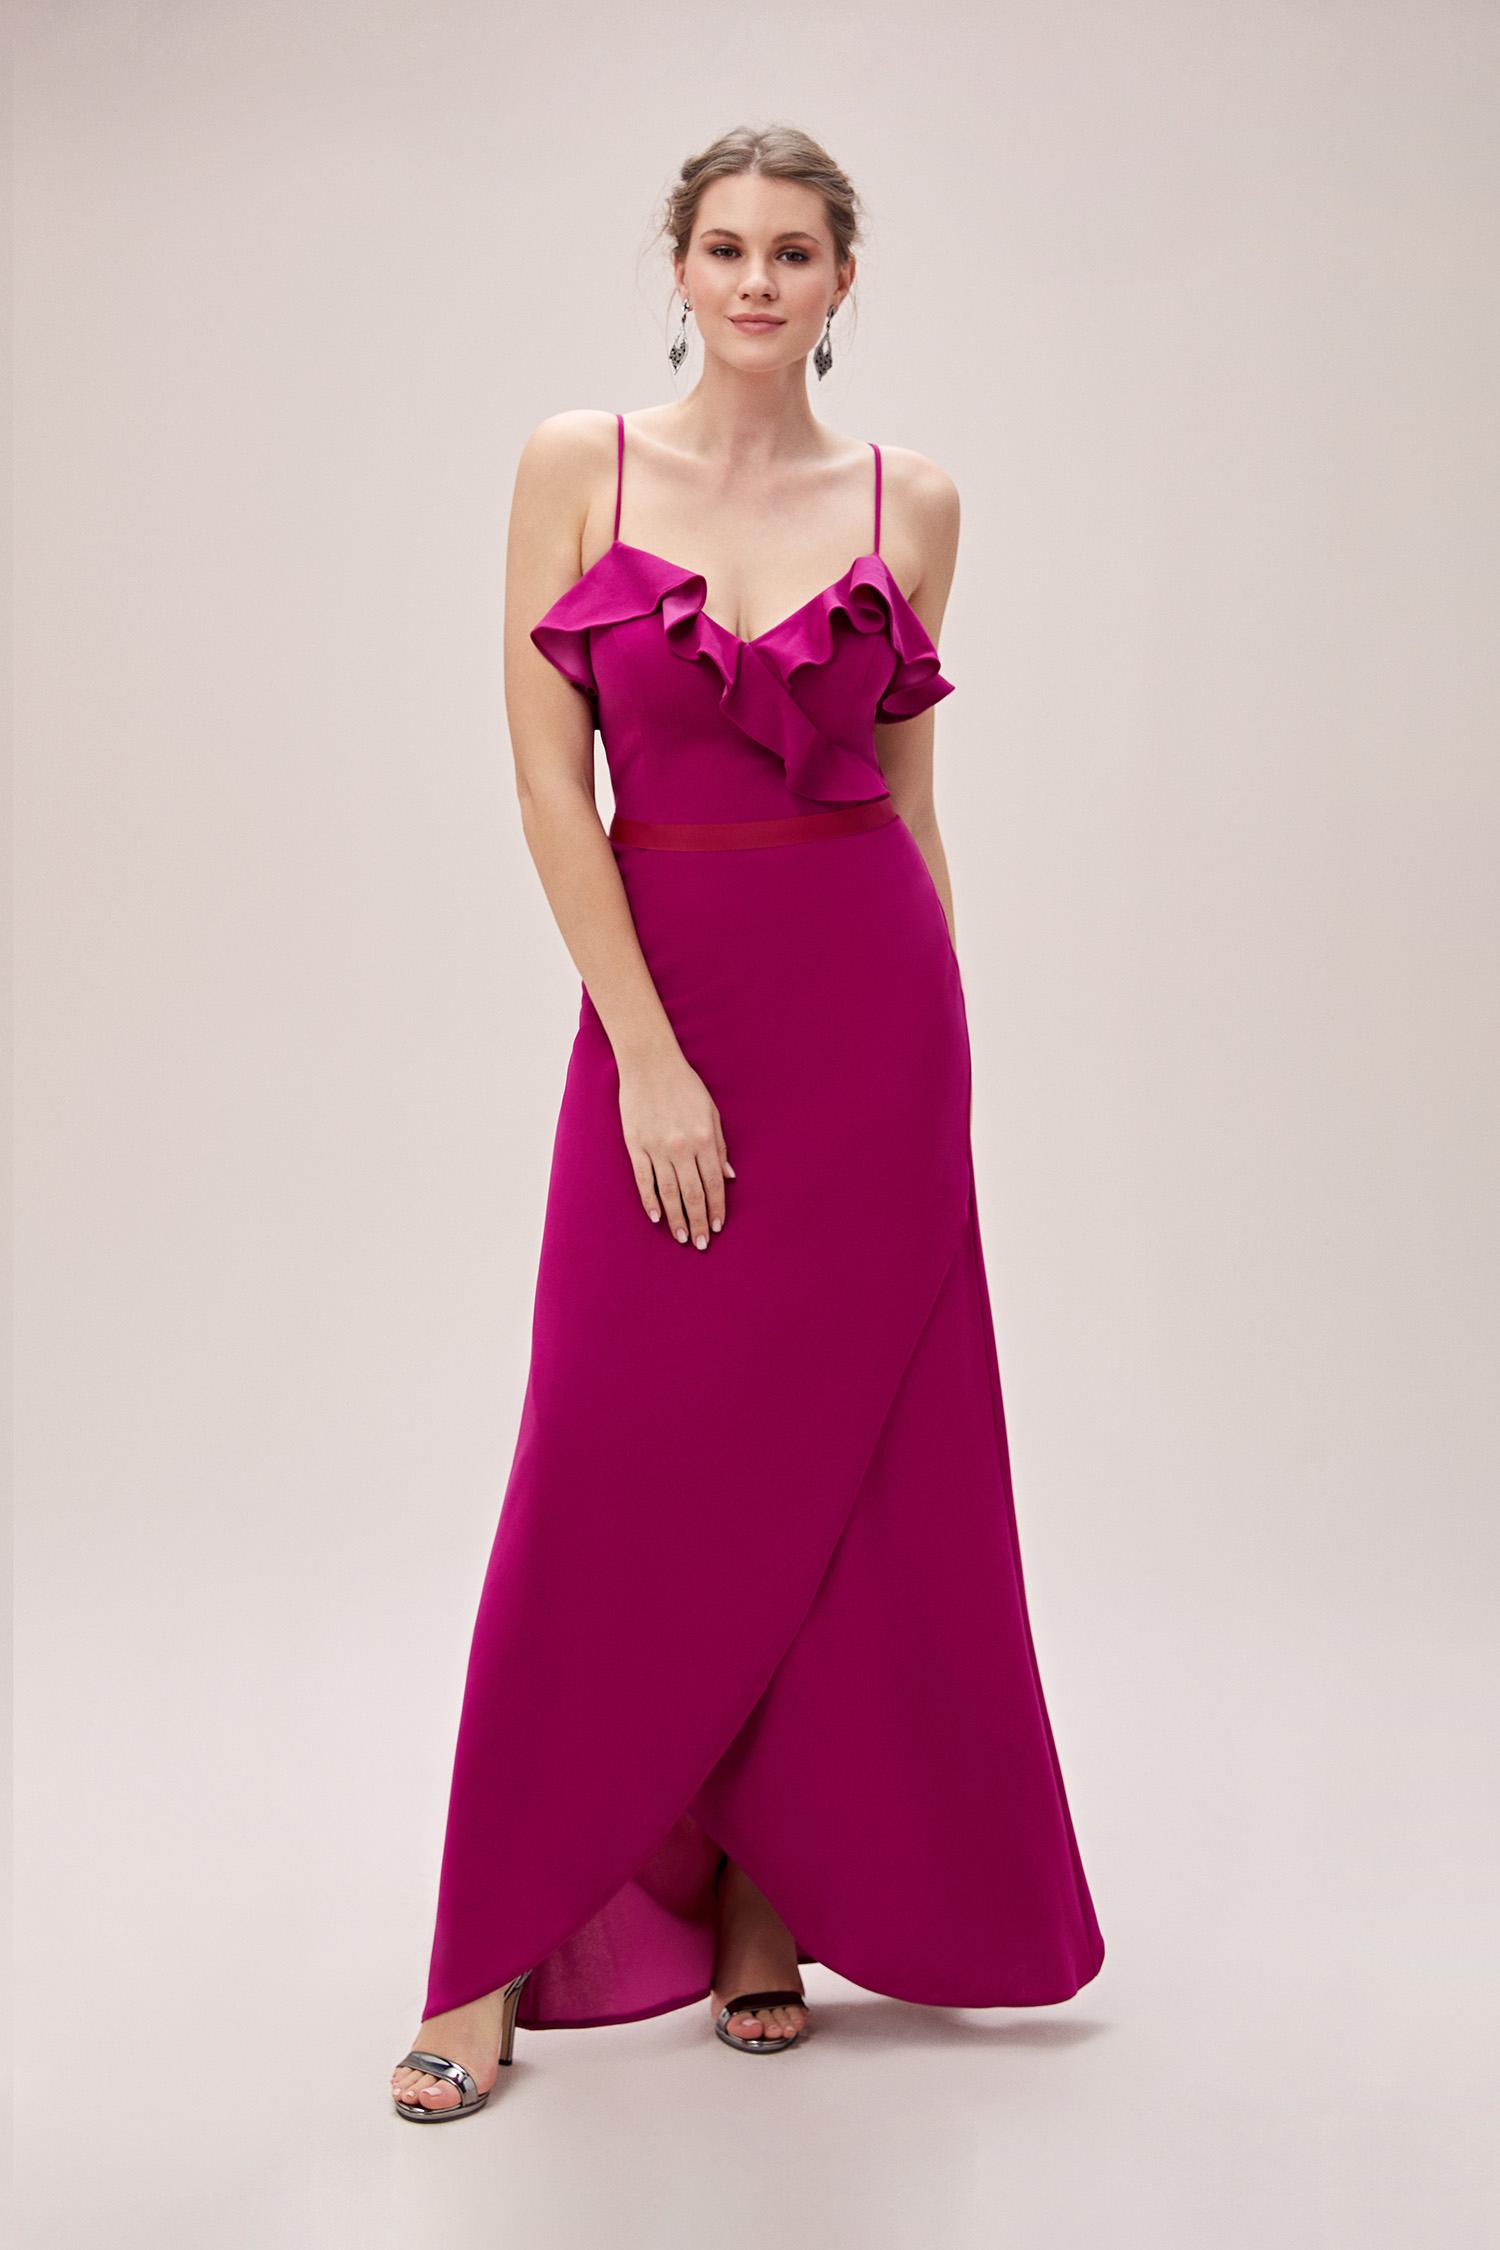 Açık Mürdüm Rengi İnce Askılı Yaka Detaylı Uzun Büyük Beden Abiye Elbise - Thumbnail